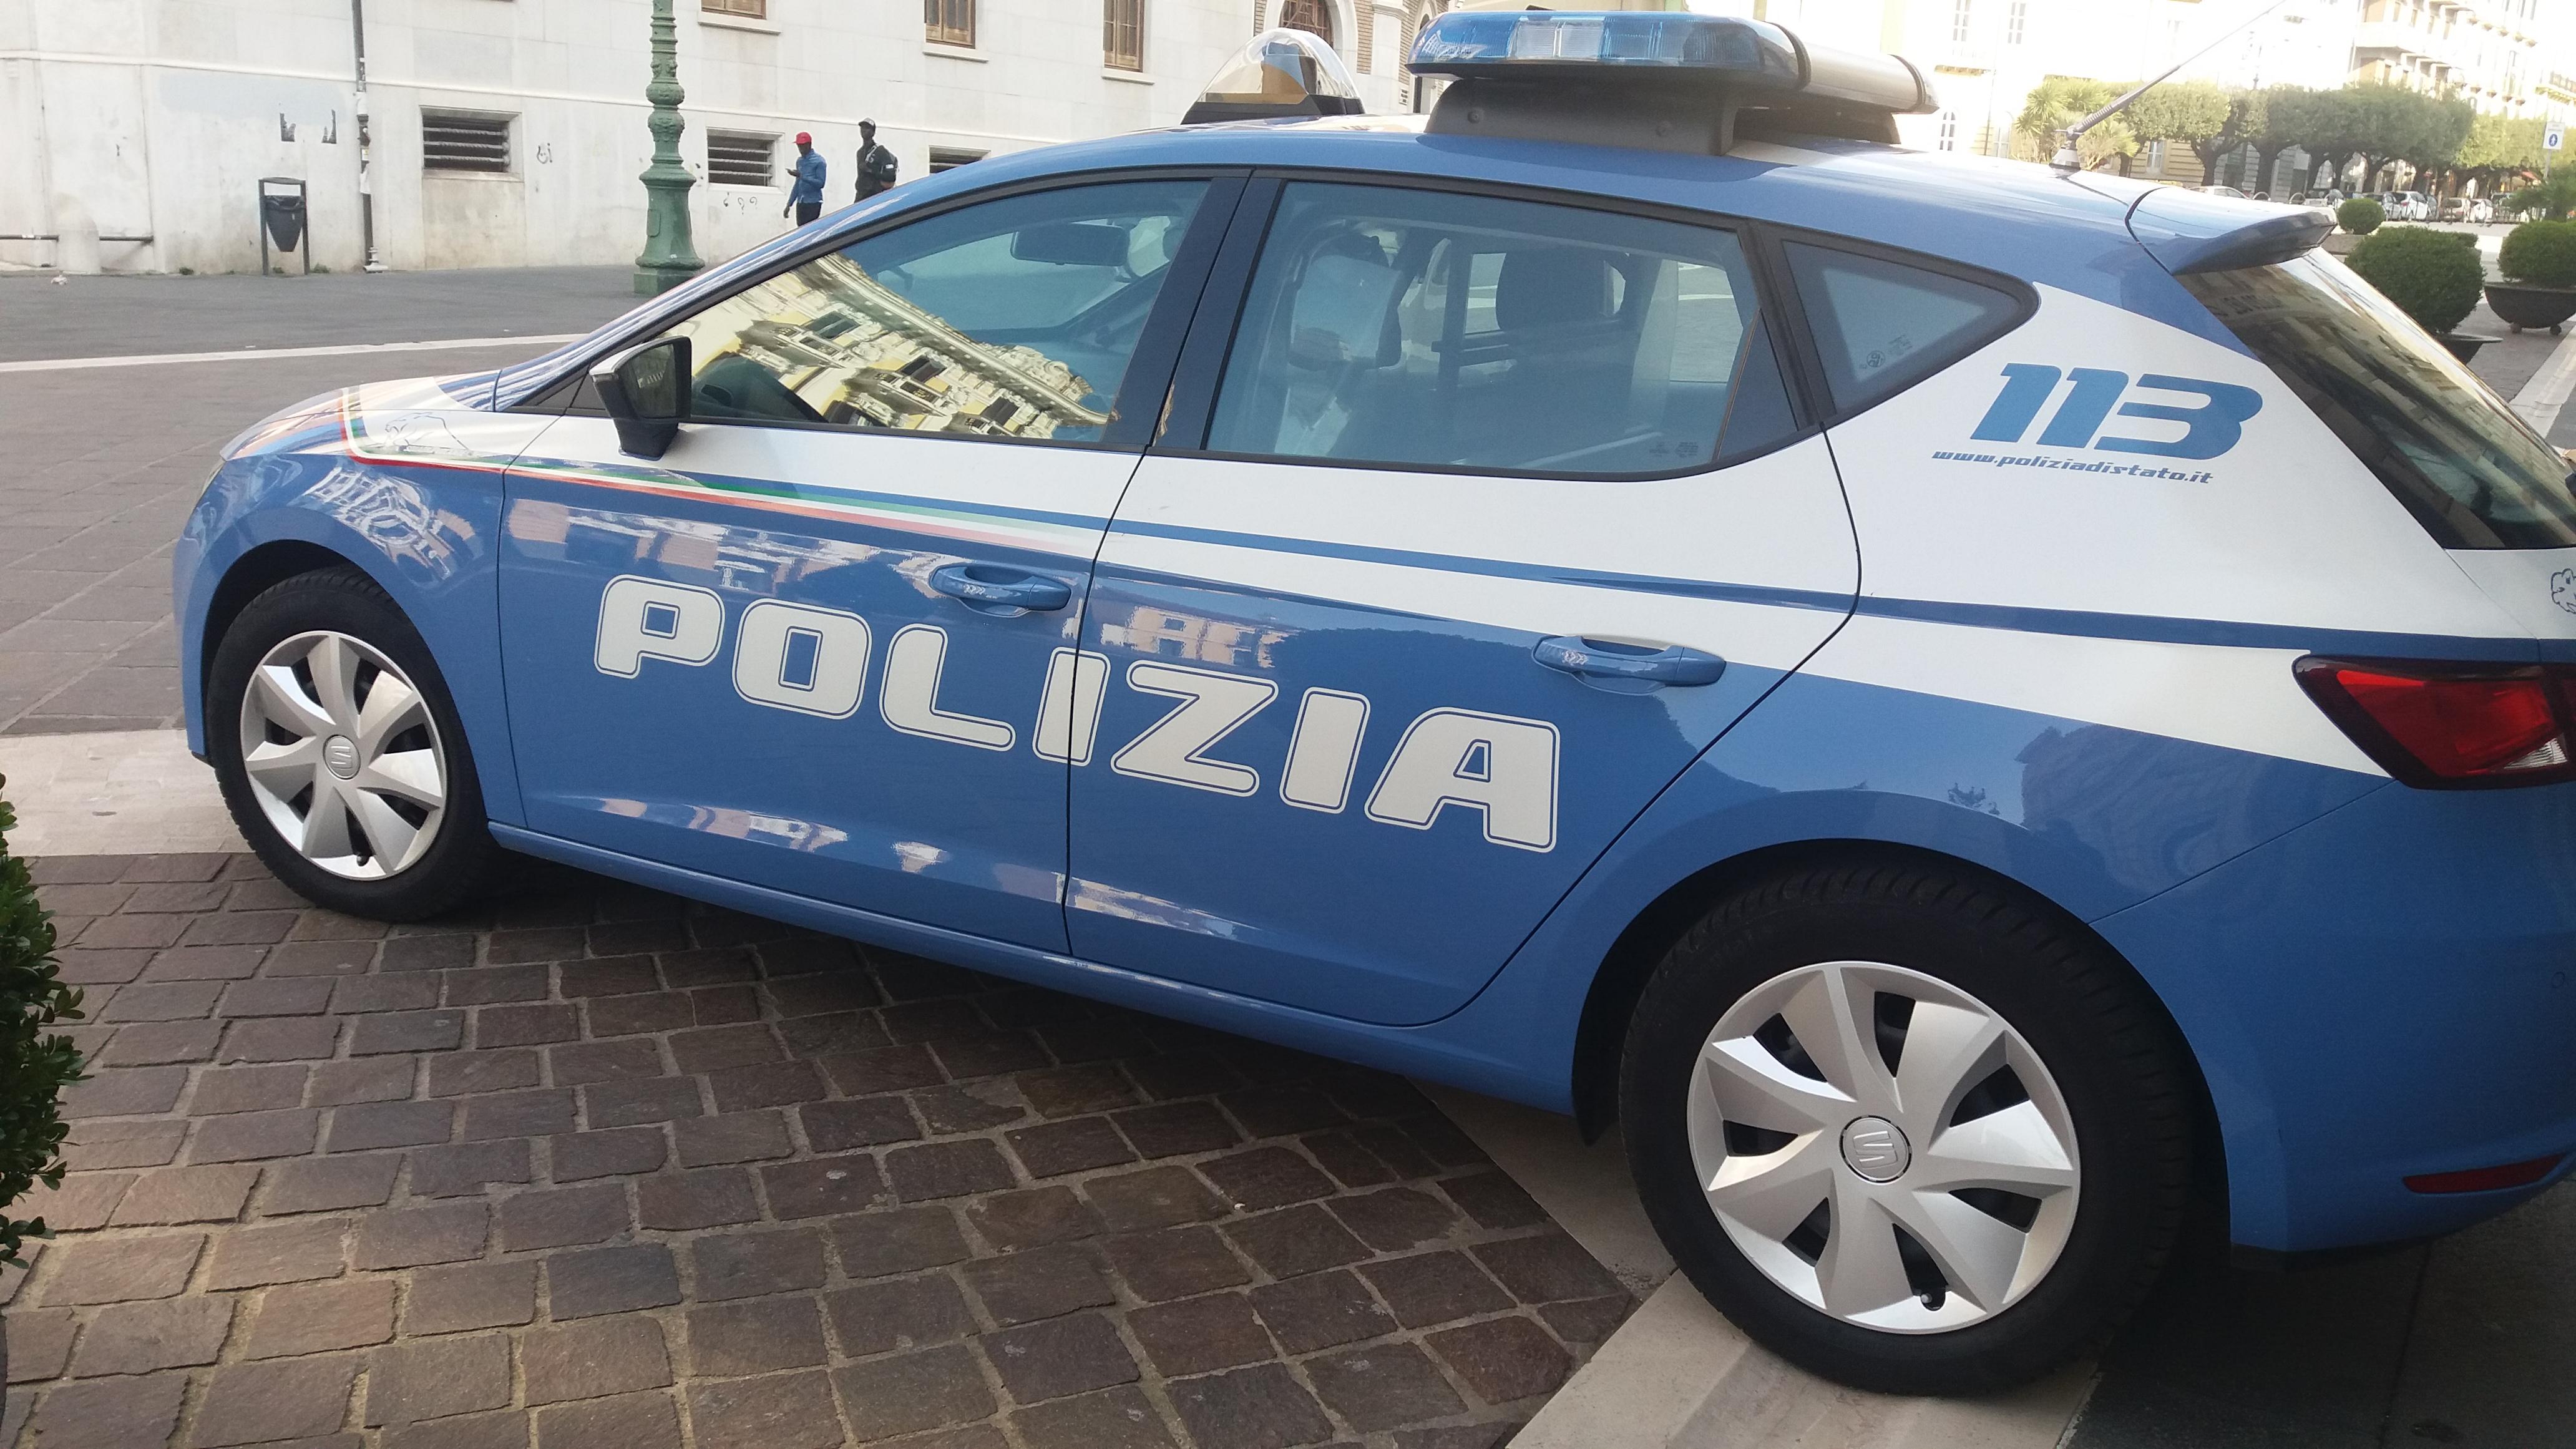 Arresti e sequestri: operazione anti-droga in Irpinia